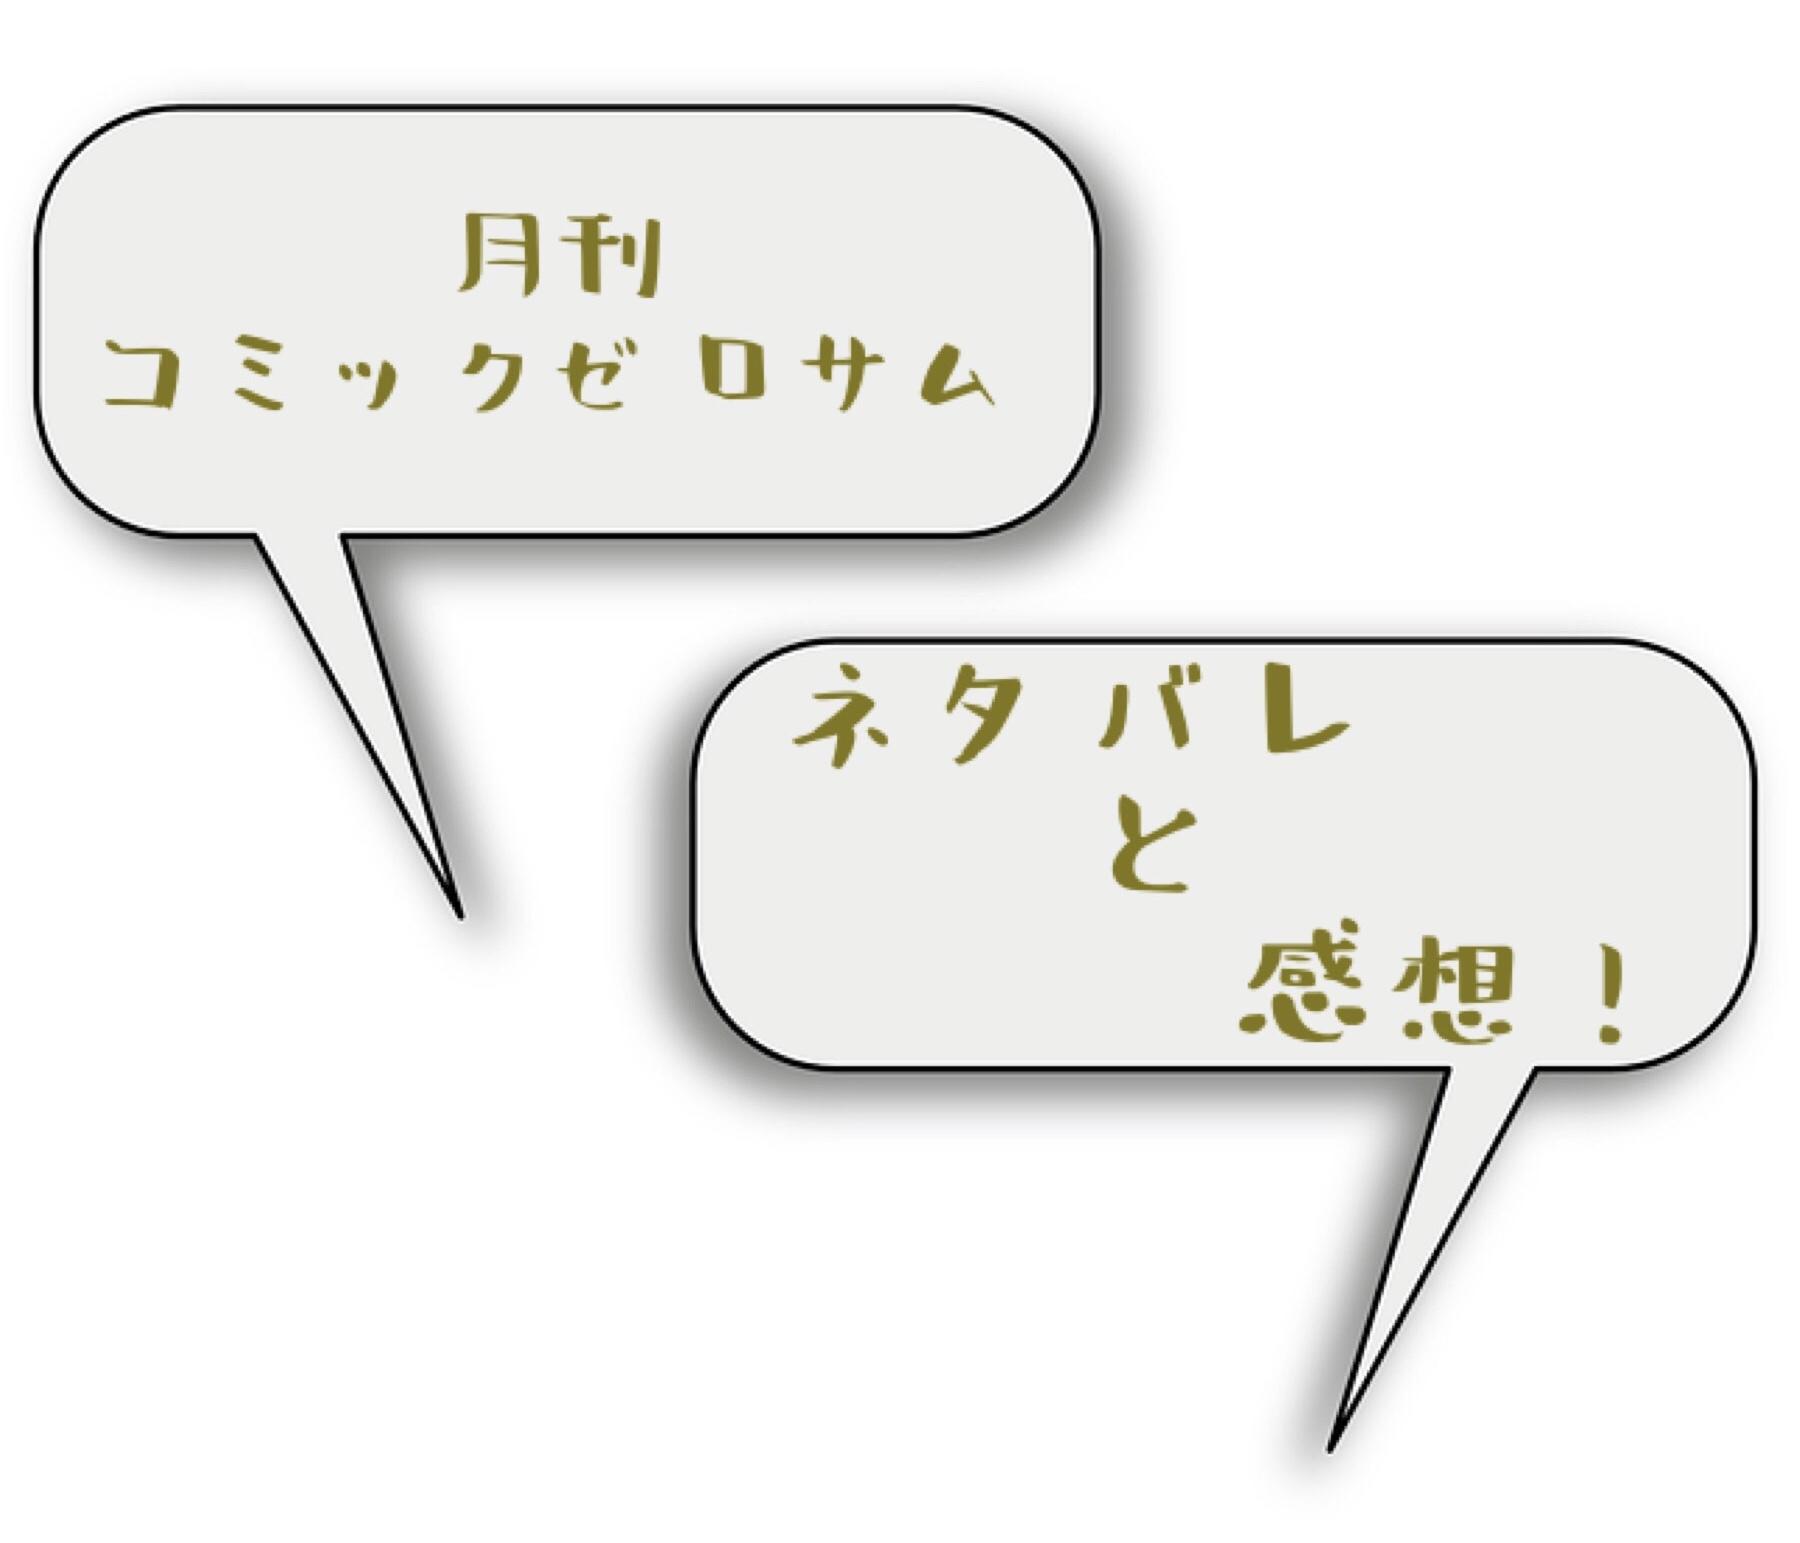 カーニヴァル【最新第151話】箱庭のそと ネタバレと感想!